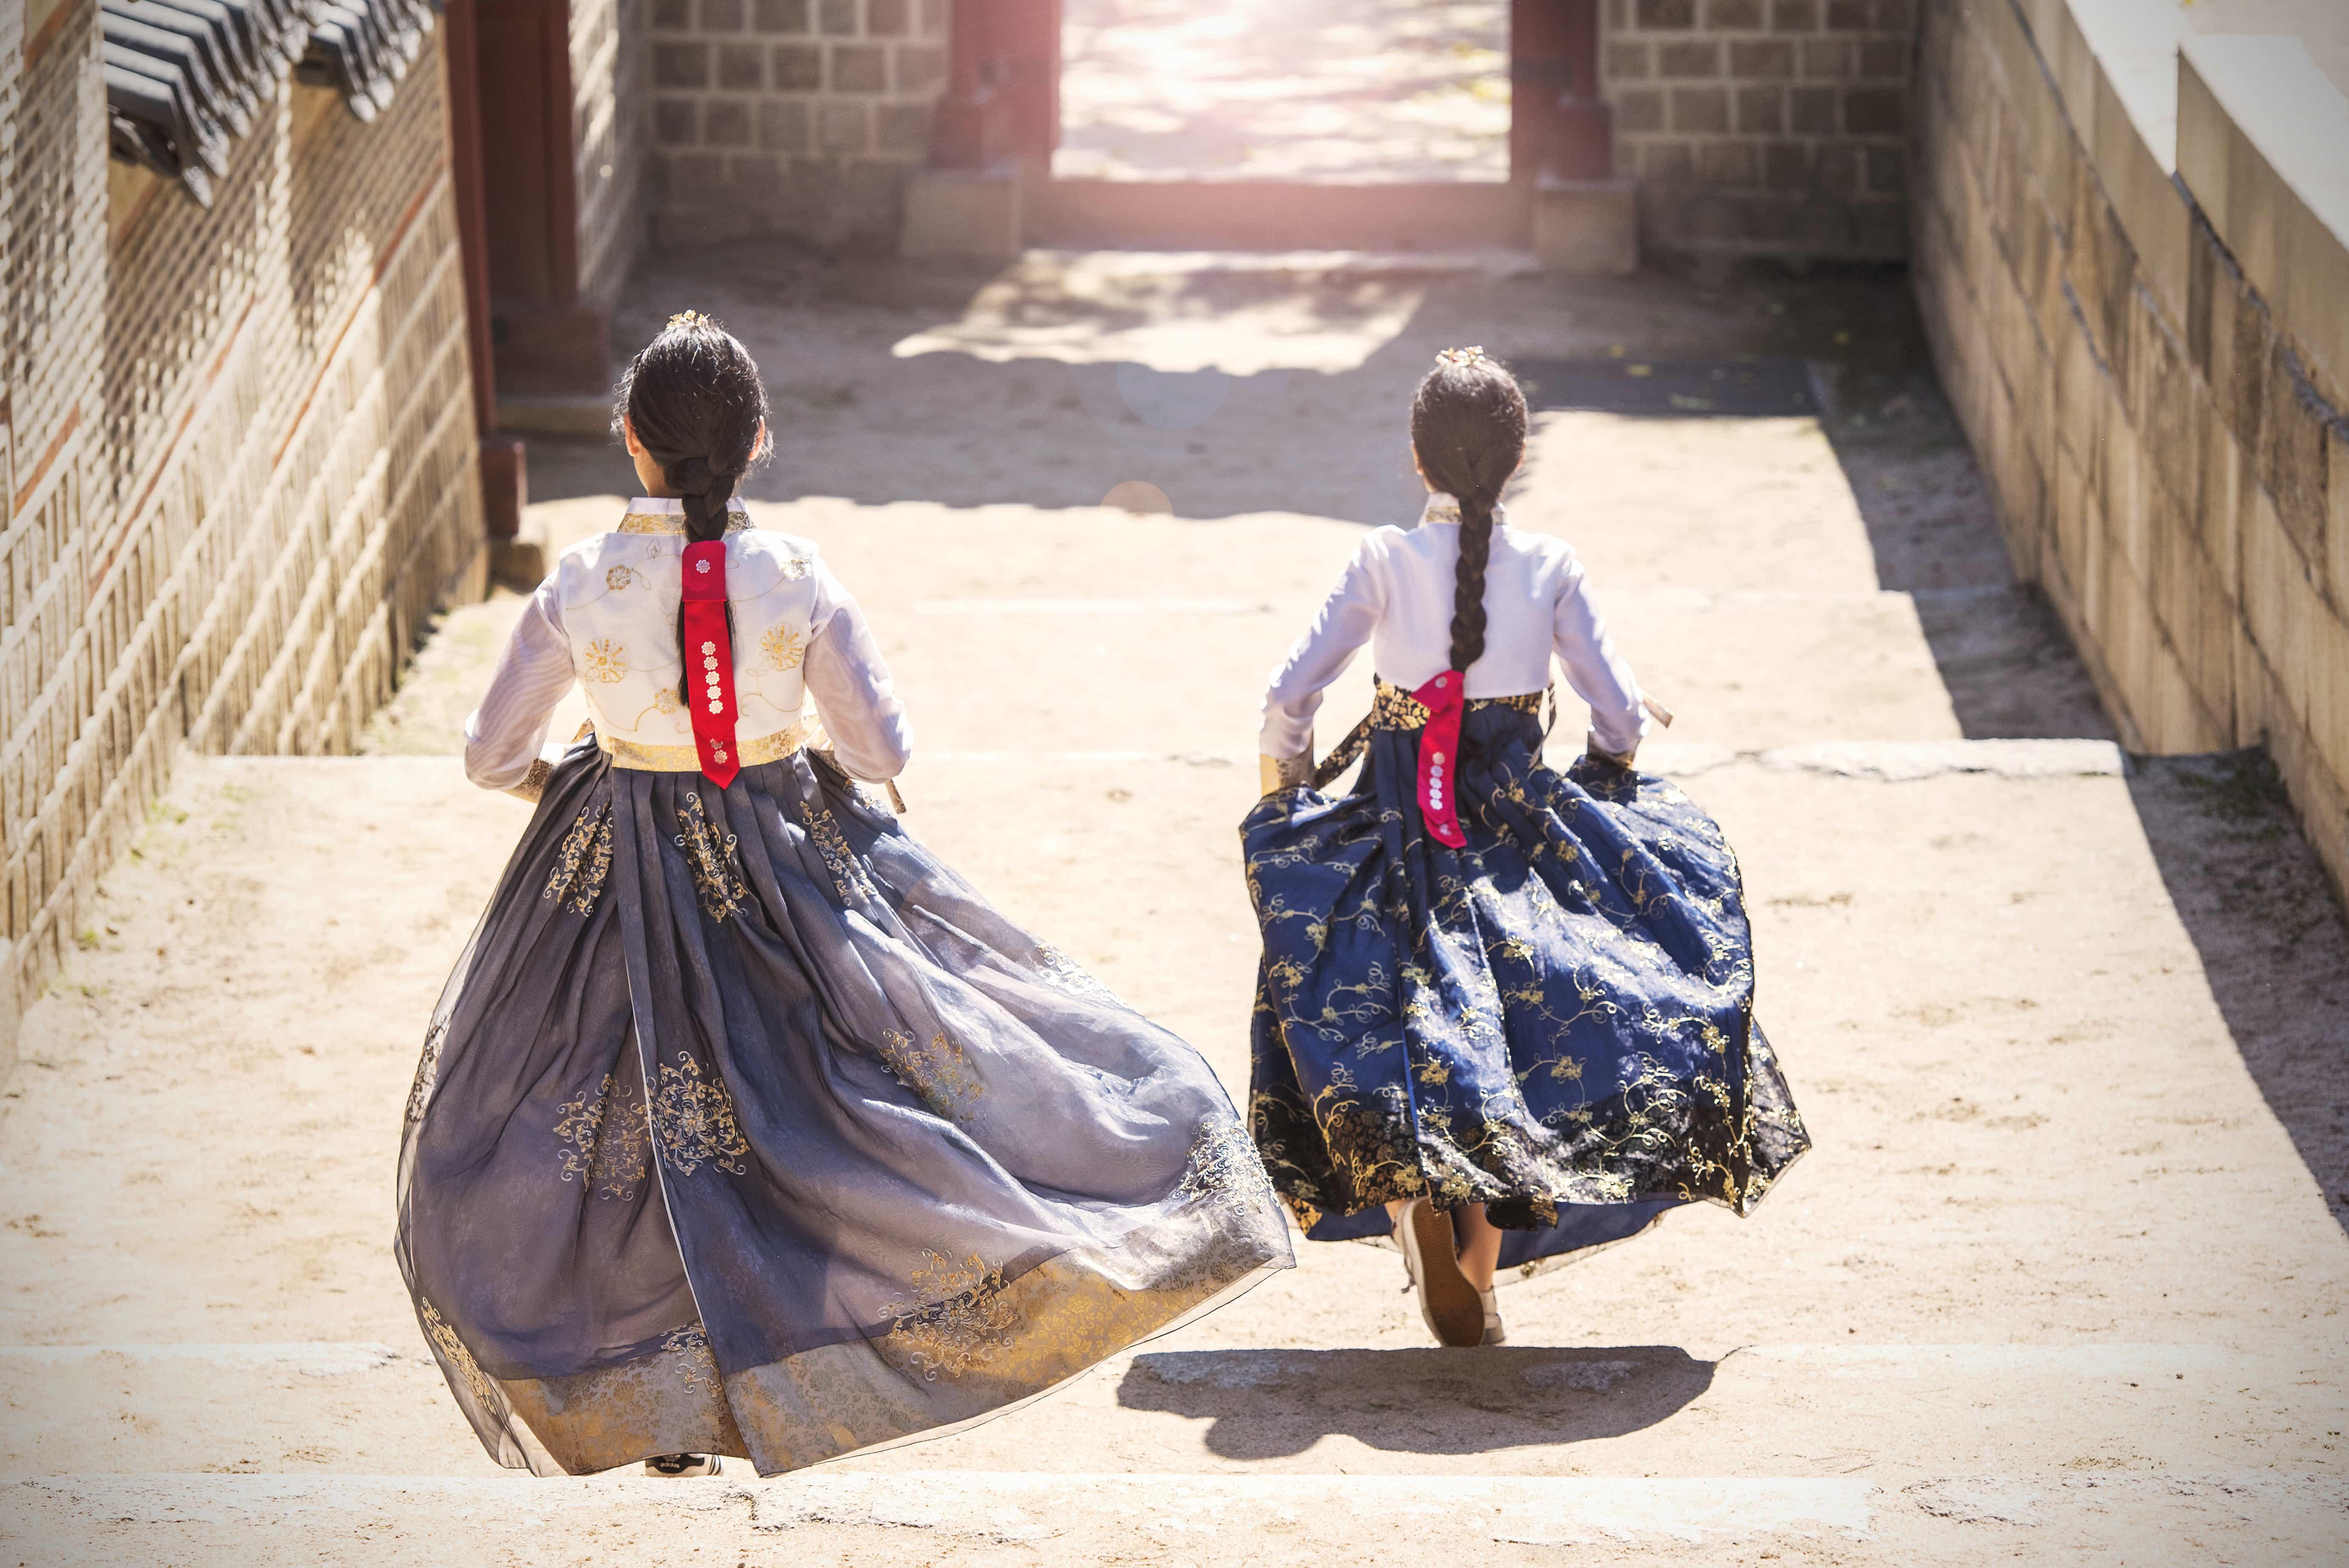 Mädchen in traditioneller südkoreanischer Kleidung laufen Treppen hinab